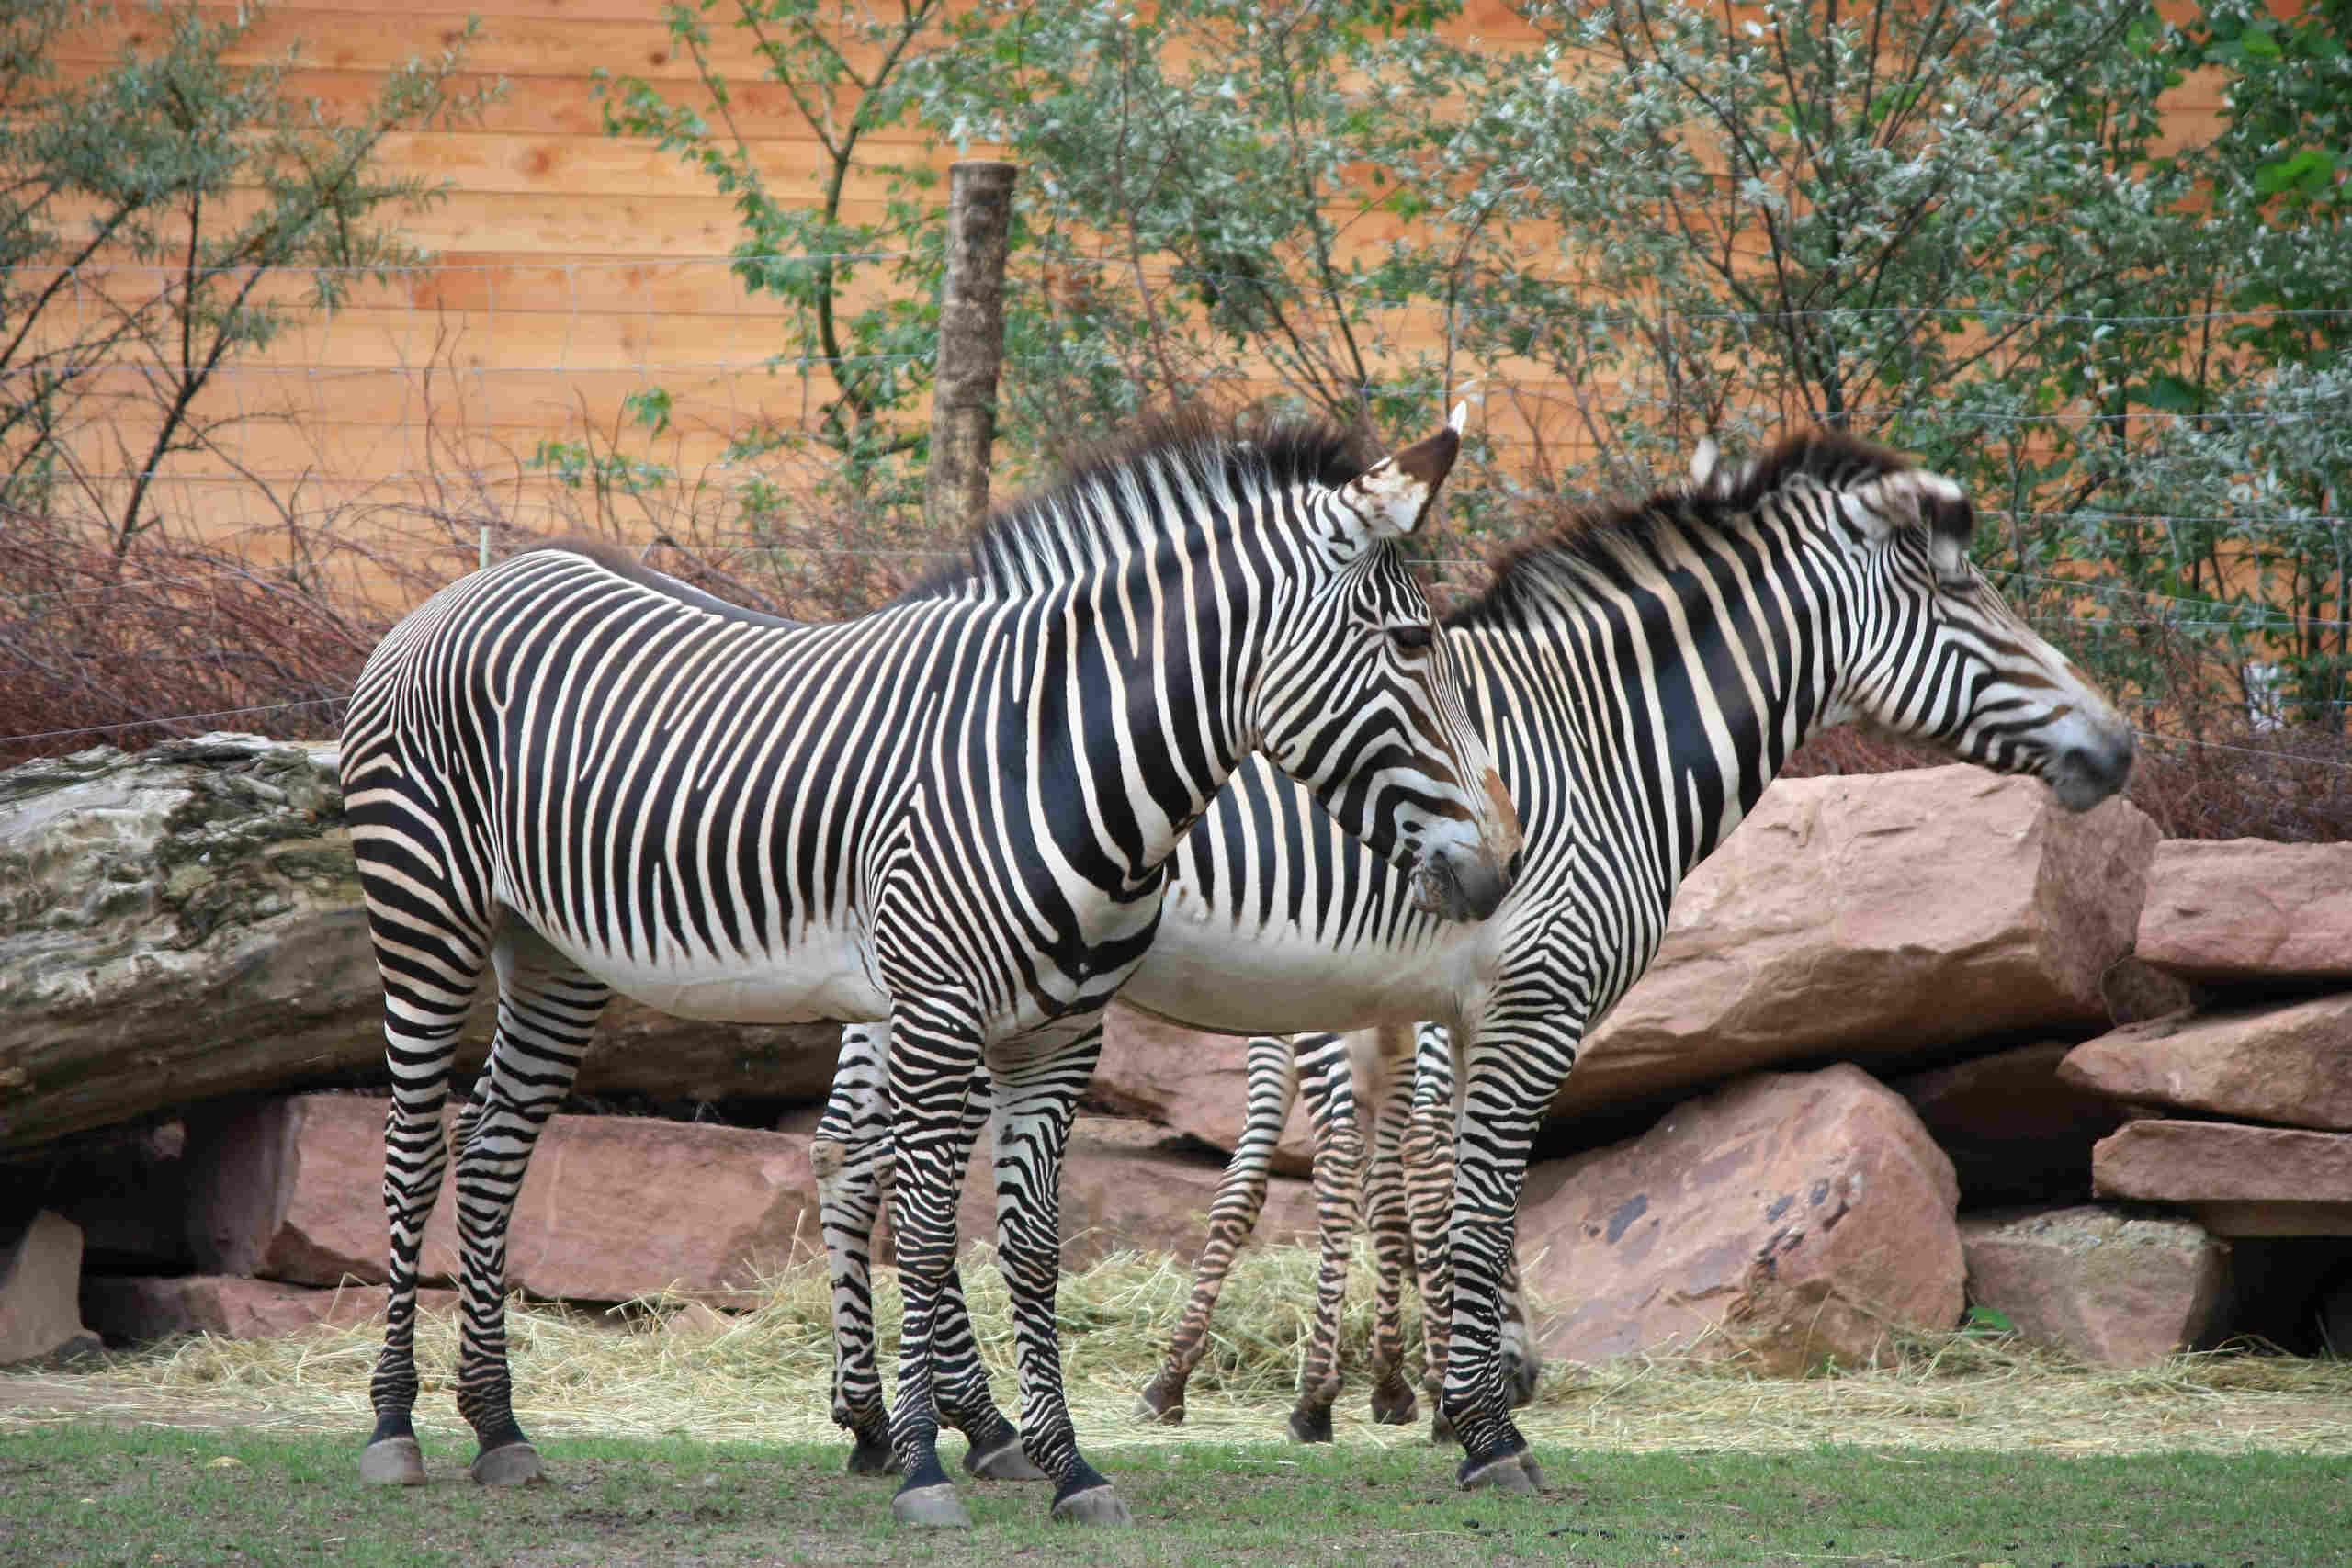 Zebras im Zoo in Magdeburg